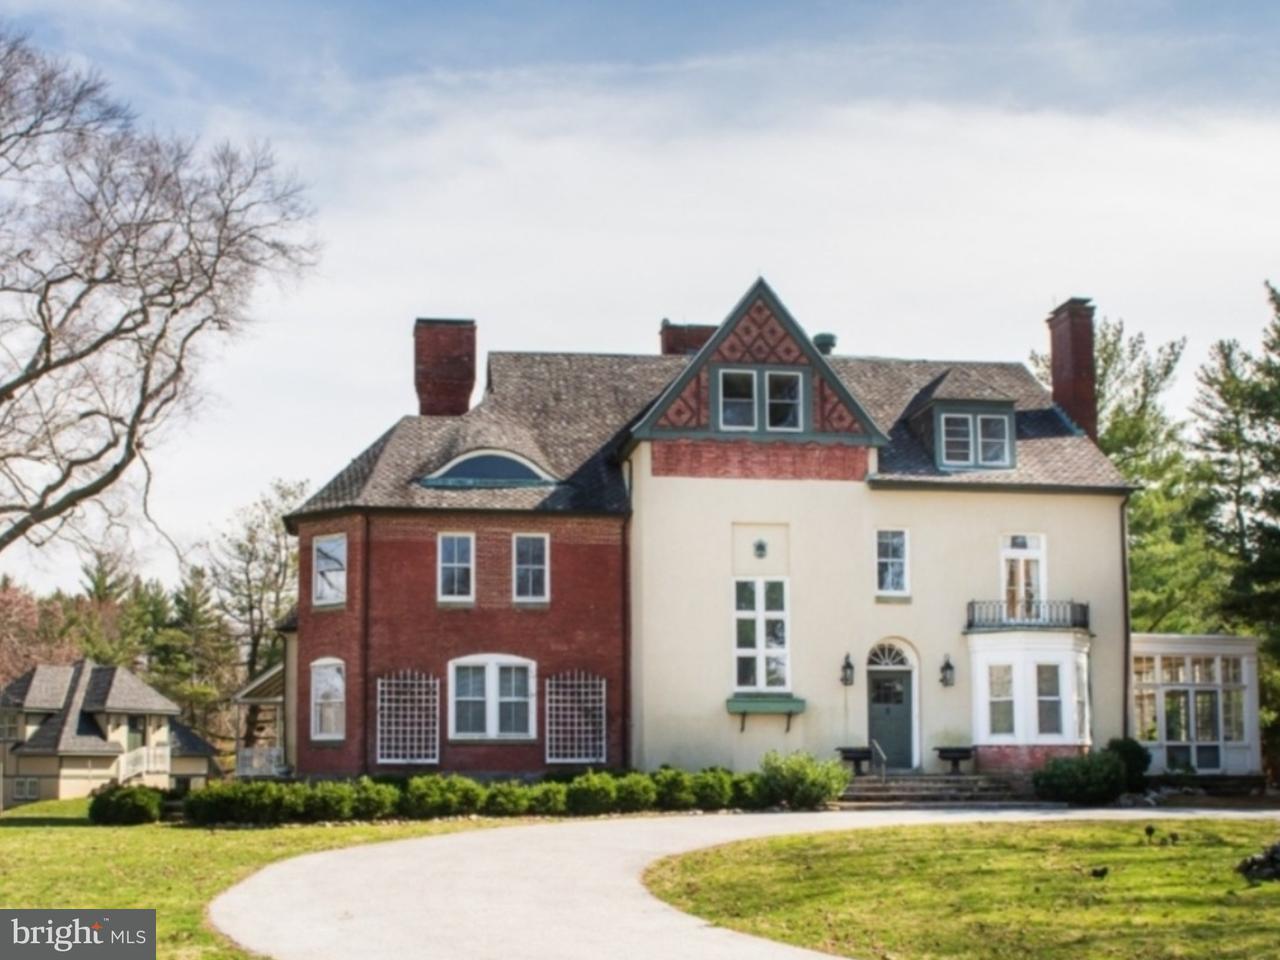 Частный односемейный дом для того Продажа на 111 CHERRY Lane Wynnewood, Пенсильвания 19096 Соединенные Штаты